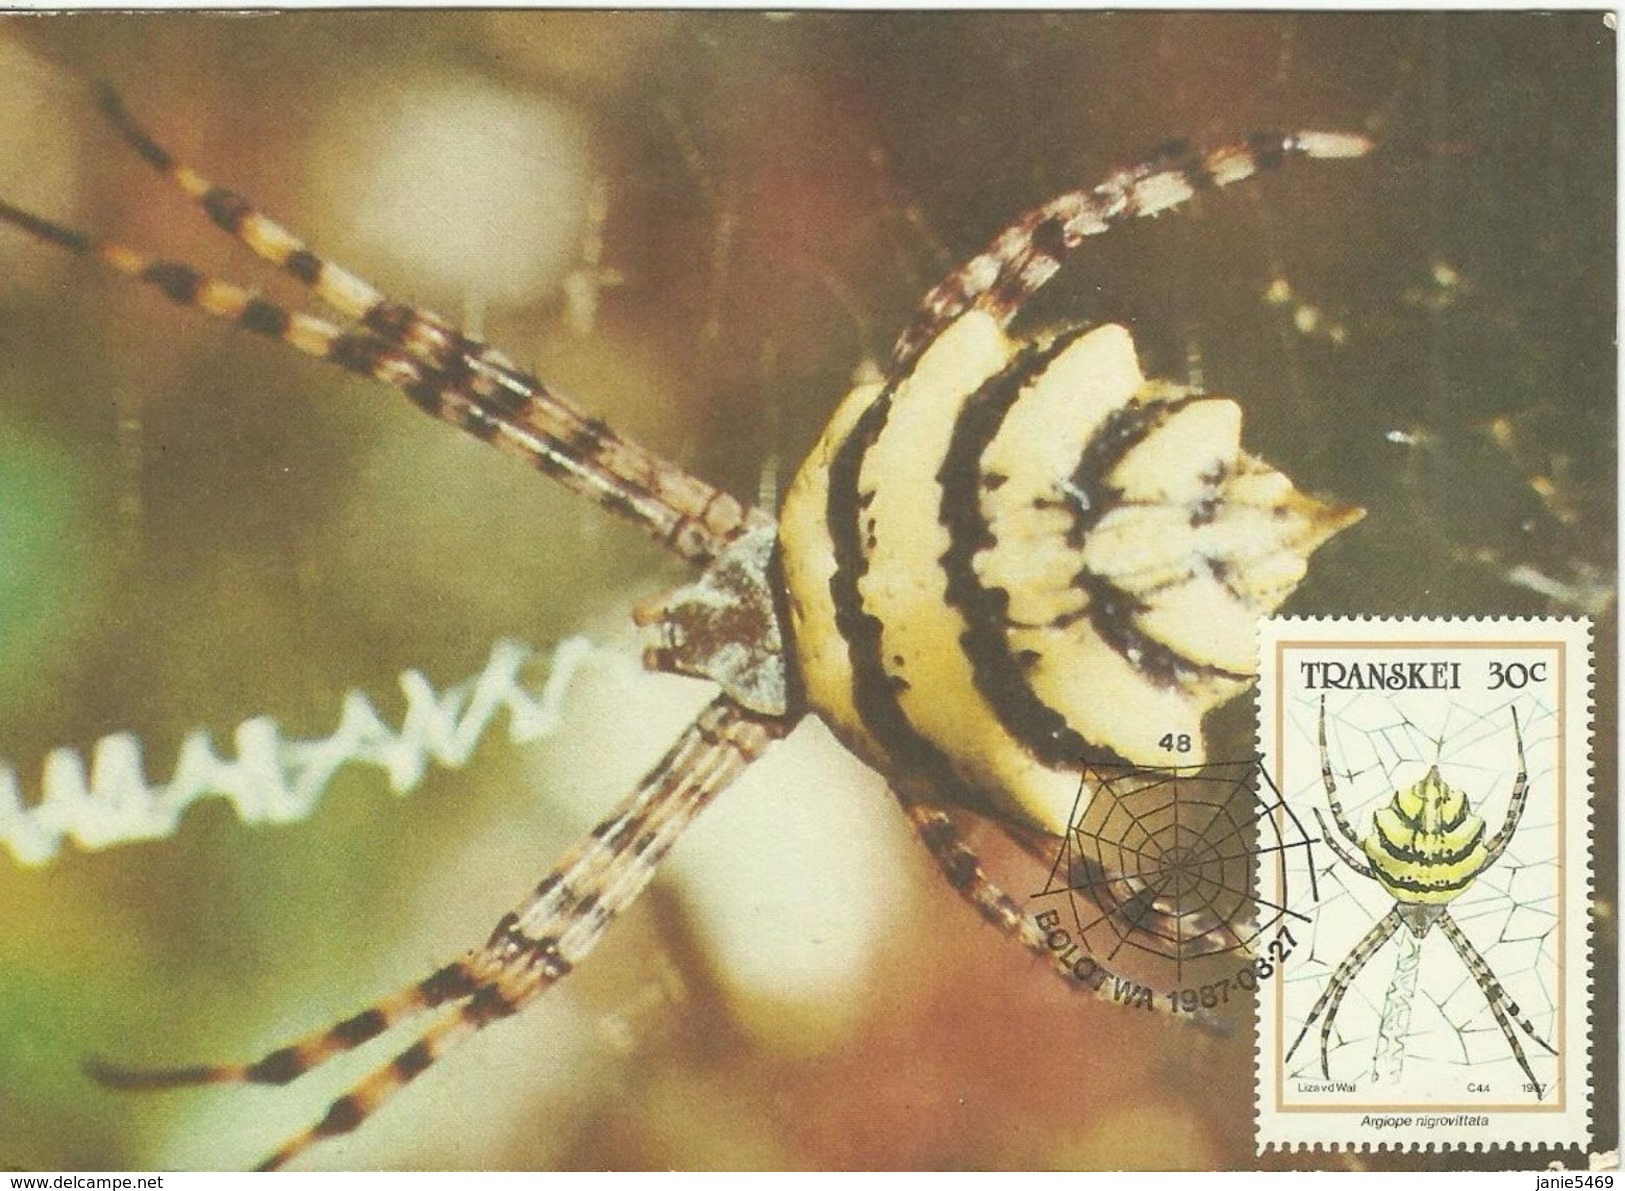 Transkei 1987 Insect 30c Spider Maximum Card - Transkei